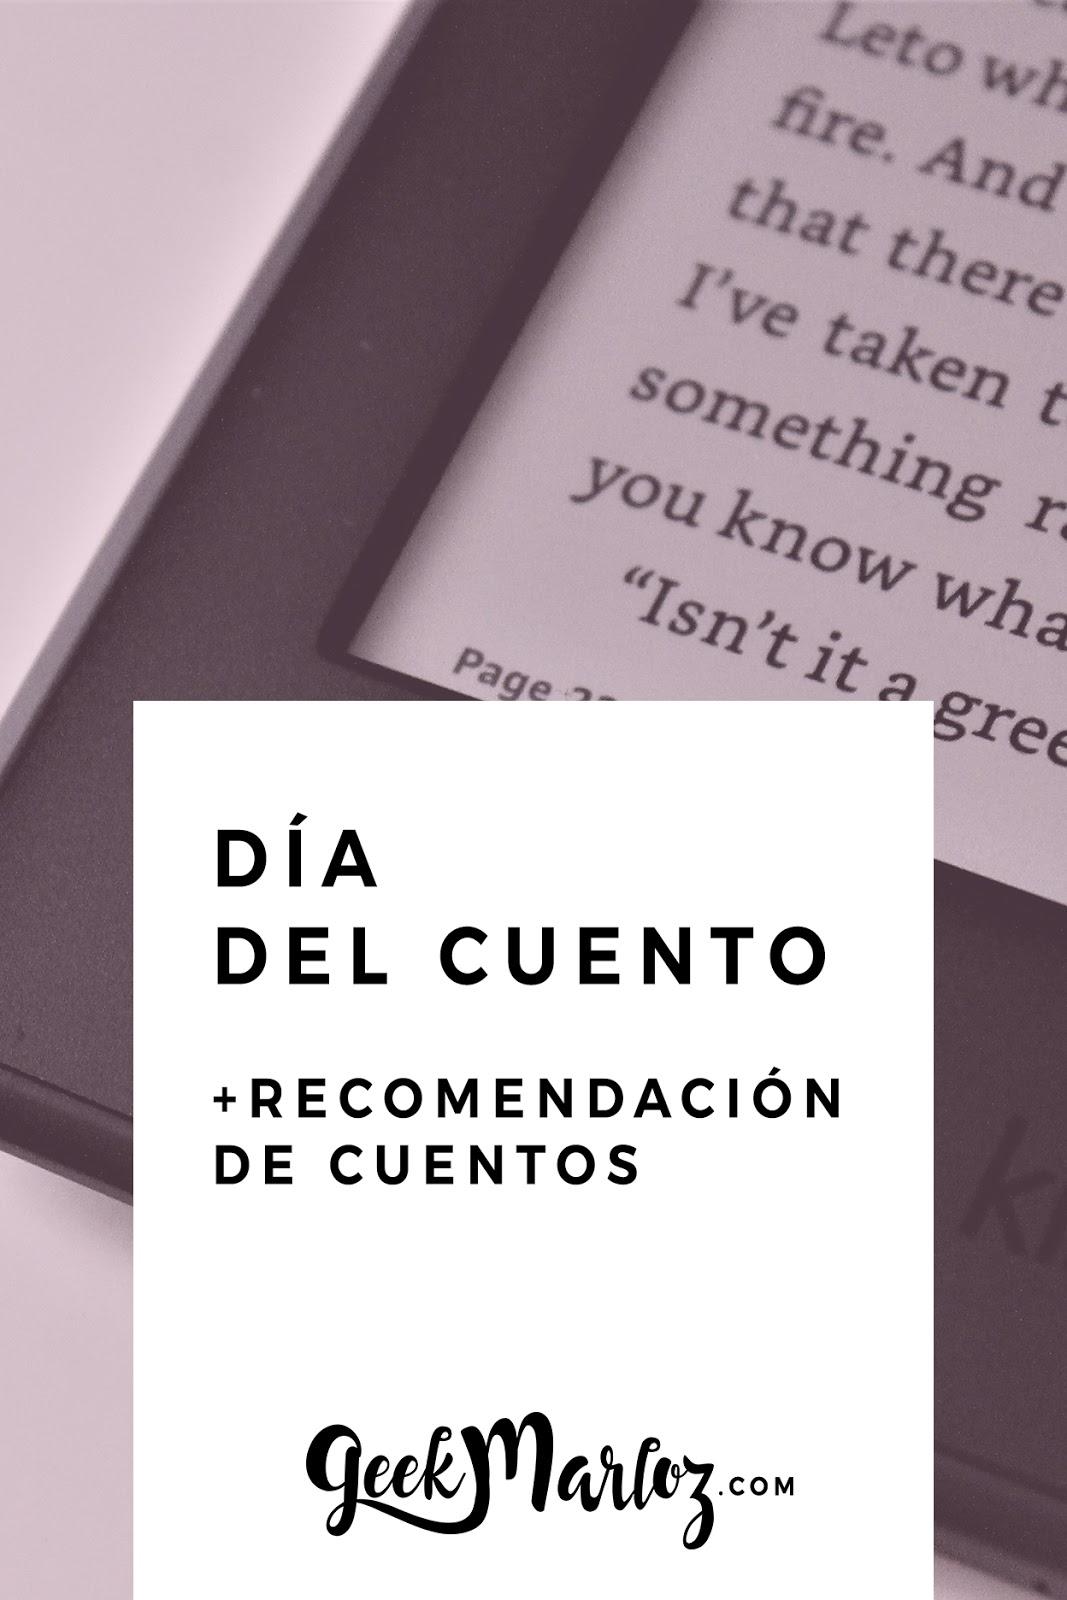 Día del cuento: Recomendación de cuentos